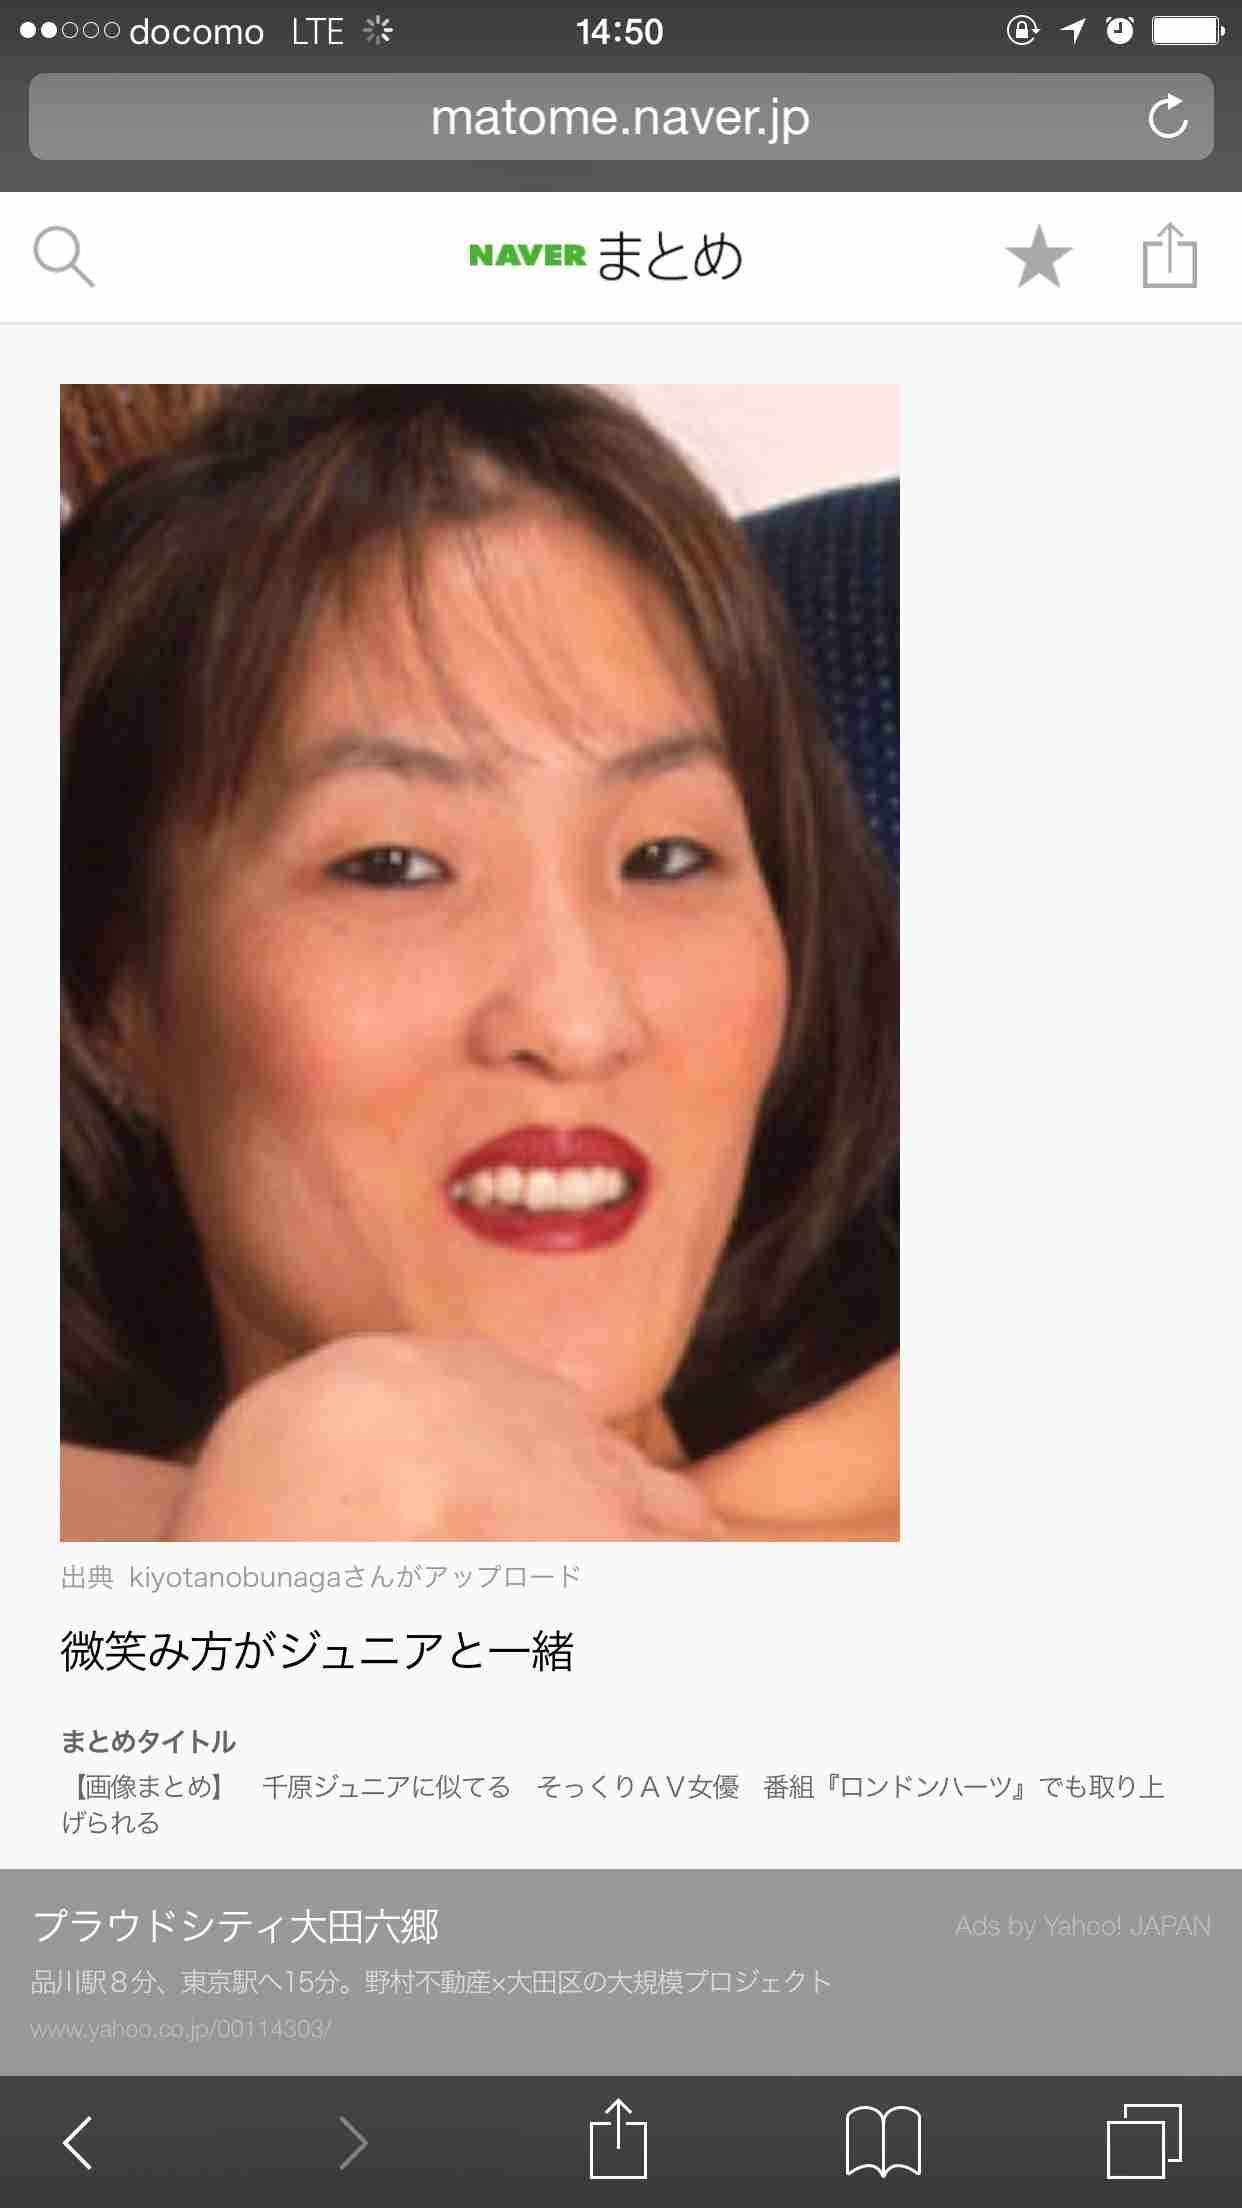 千原ジュニアが一般女性と結婚 28日に婚姻届提出